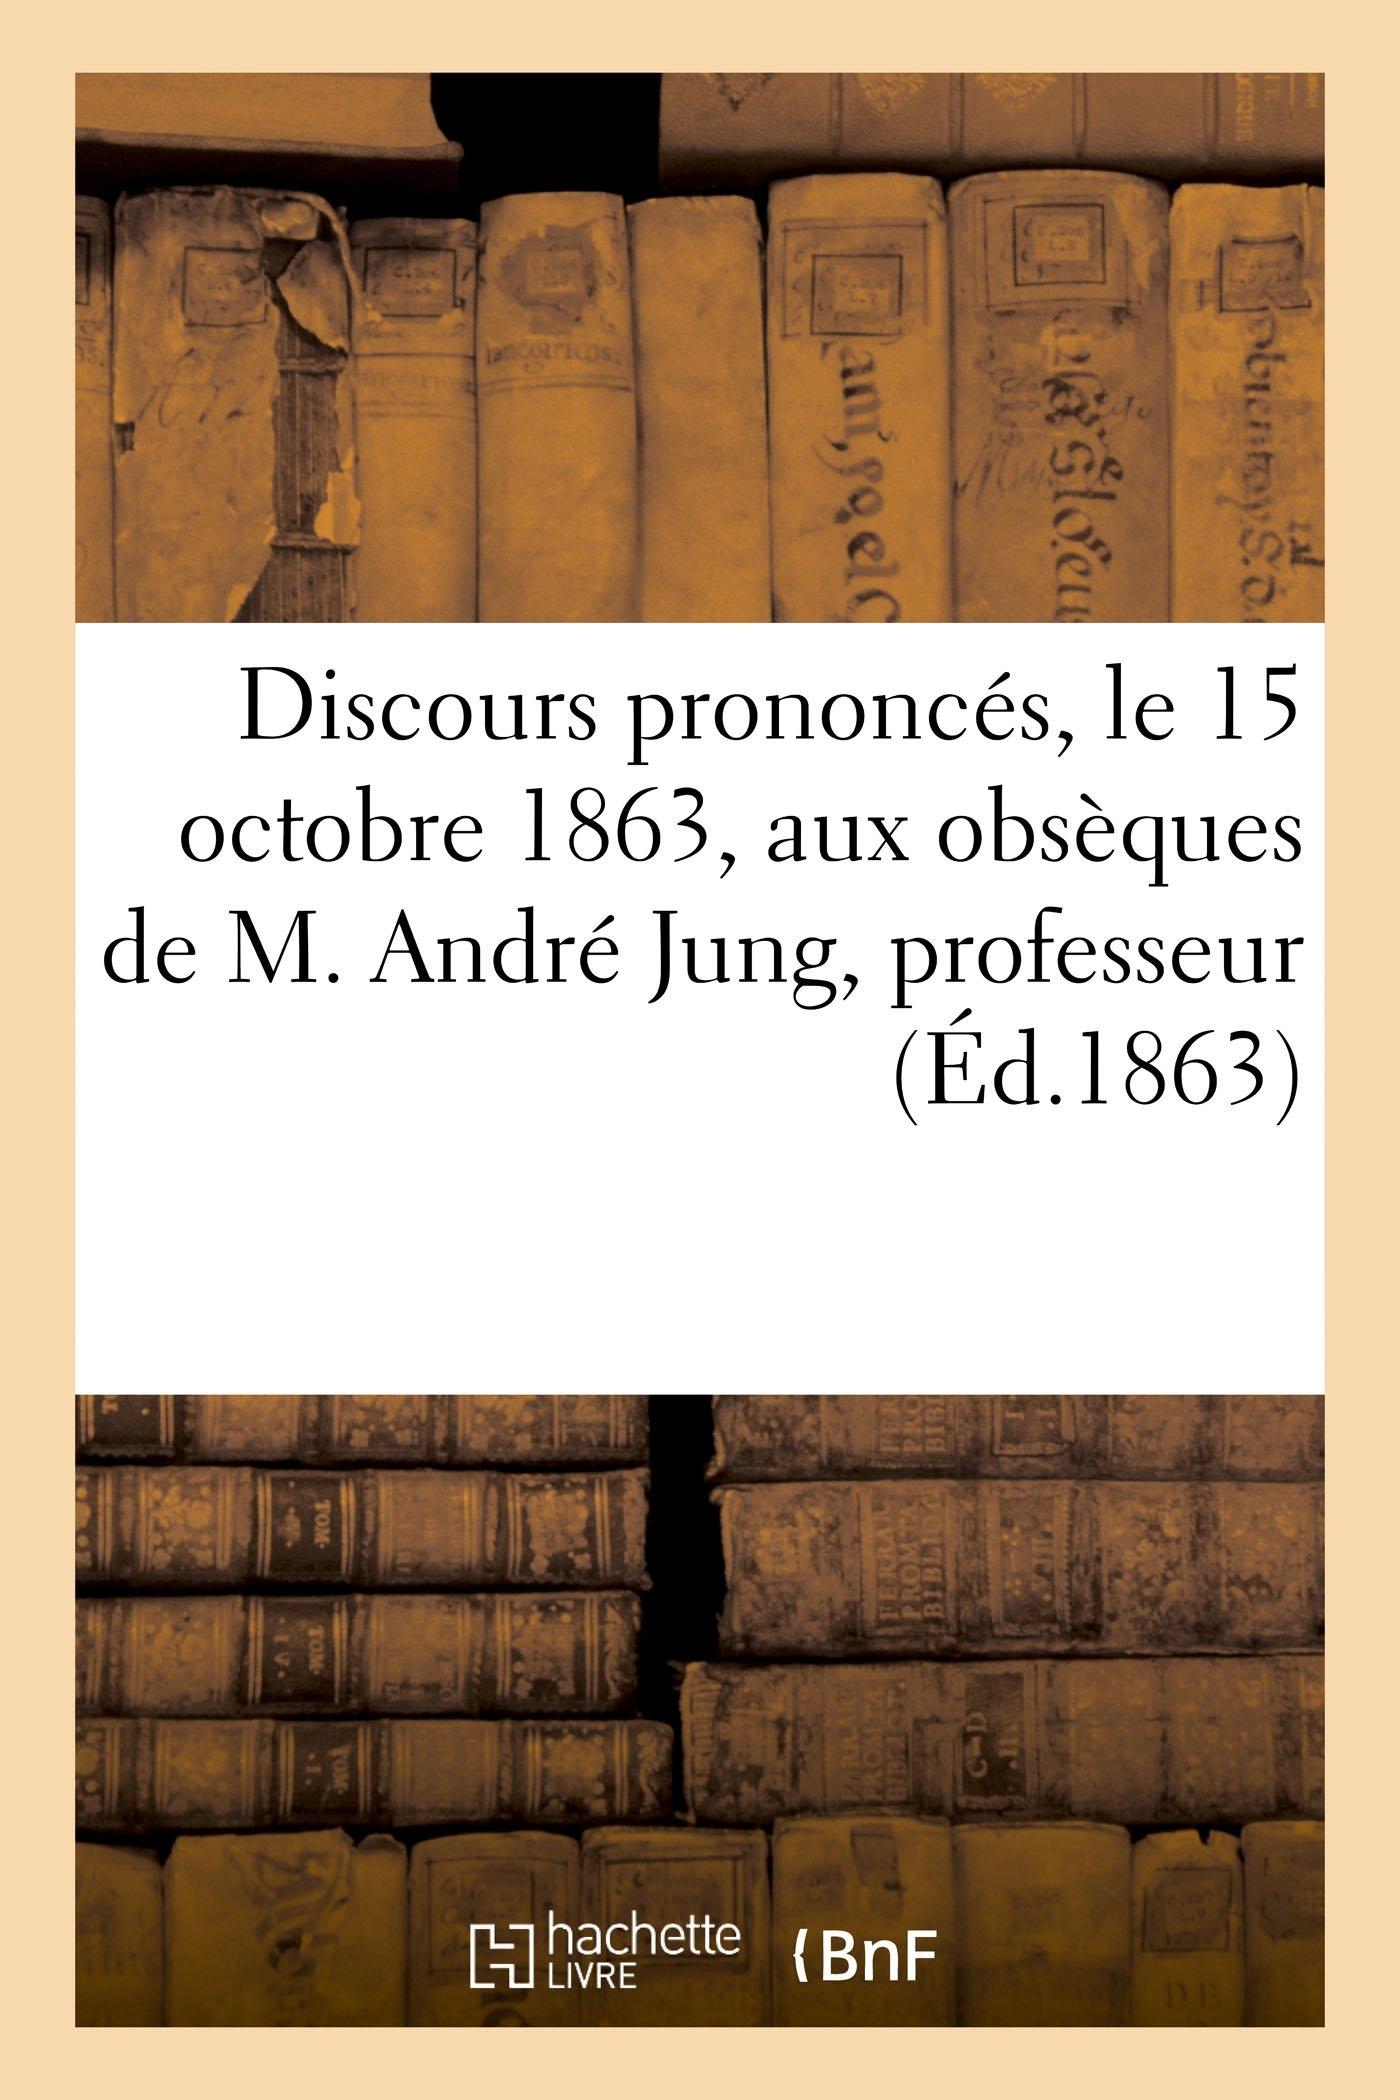 Download Discours prononcés, le 15 octobre 1863, aux obsèques de M. André Jung, professeur (Éd.1863) (Philosophie) (French Edition) pdf